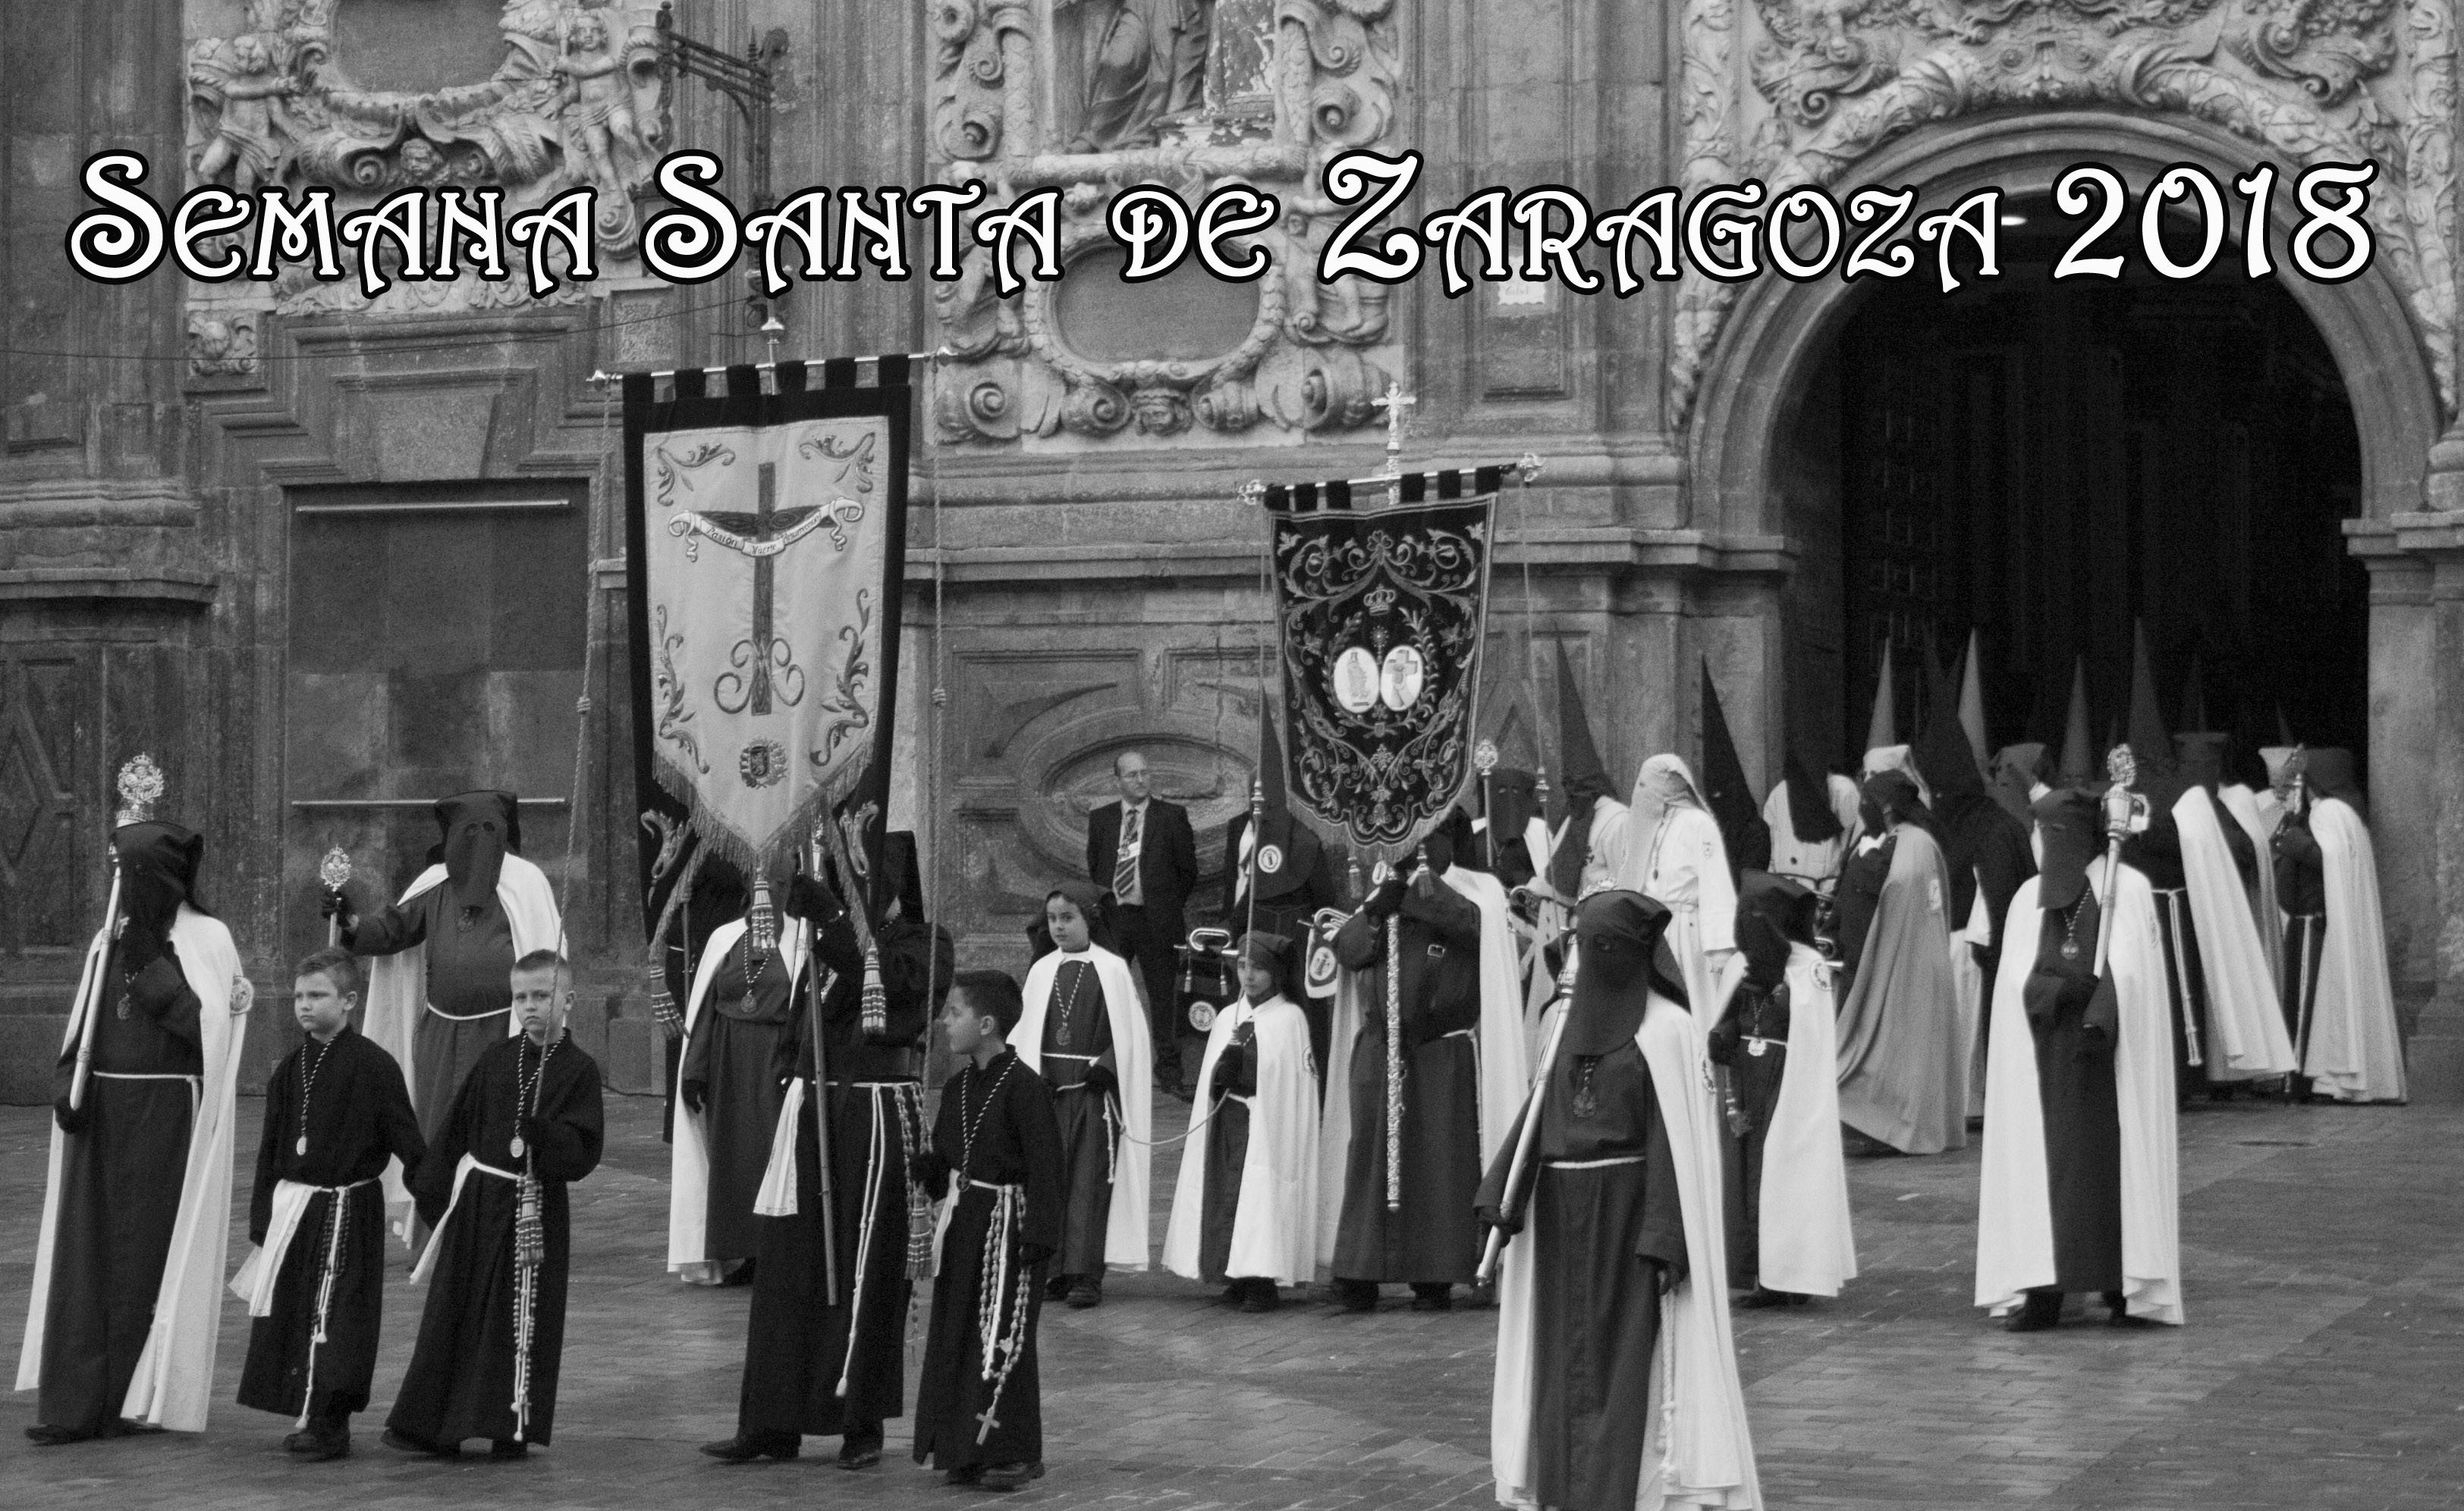 Semana Santa de Zaragoza 2019 Procesiones y recorridos Guia de Zaragoza